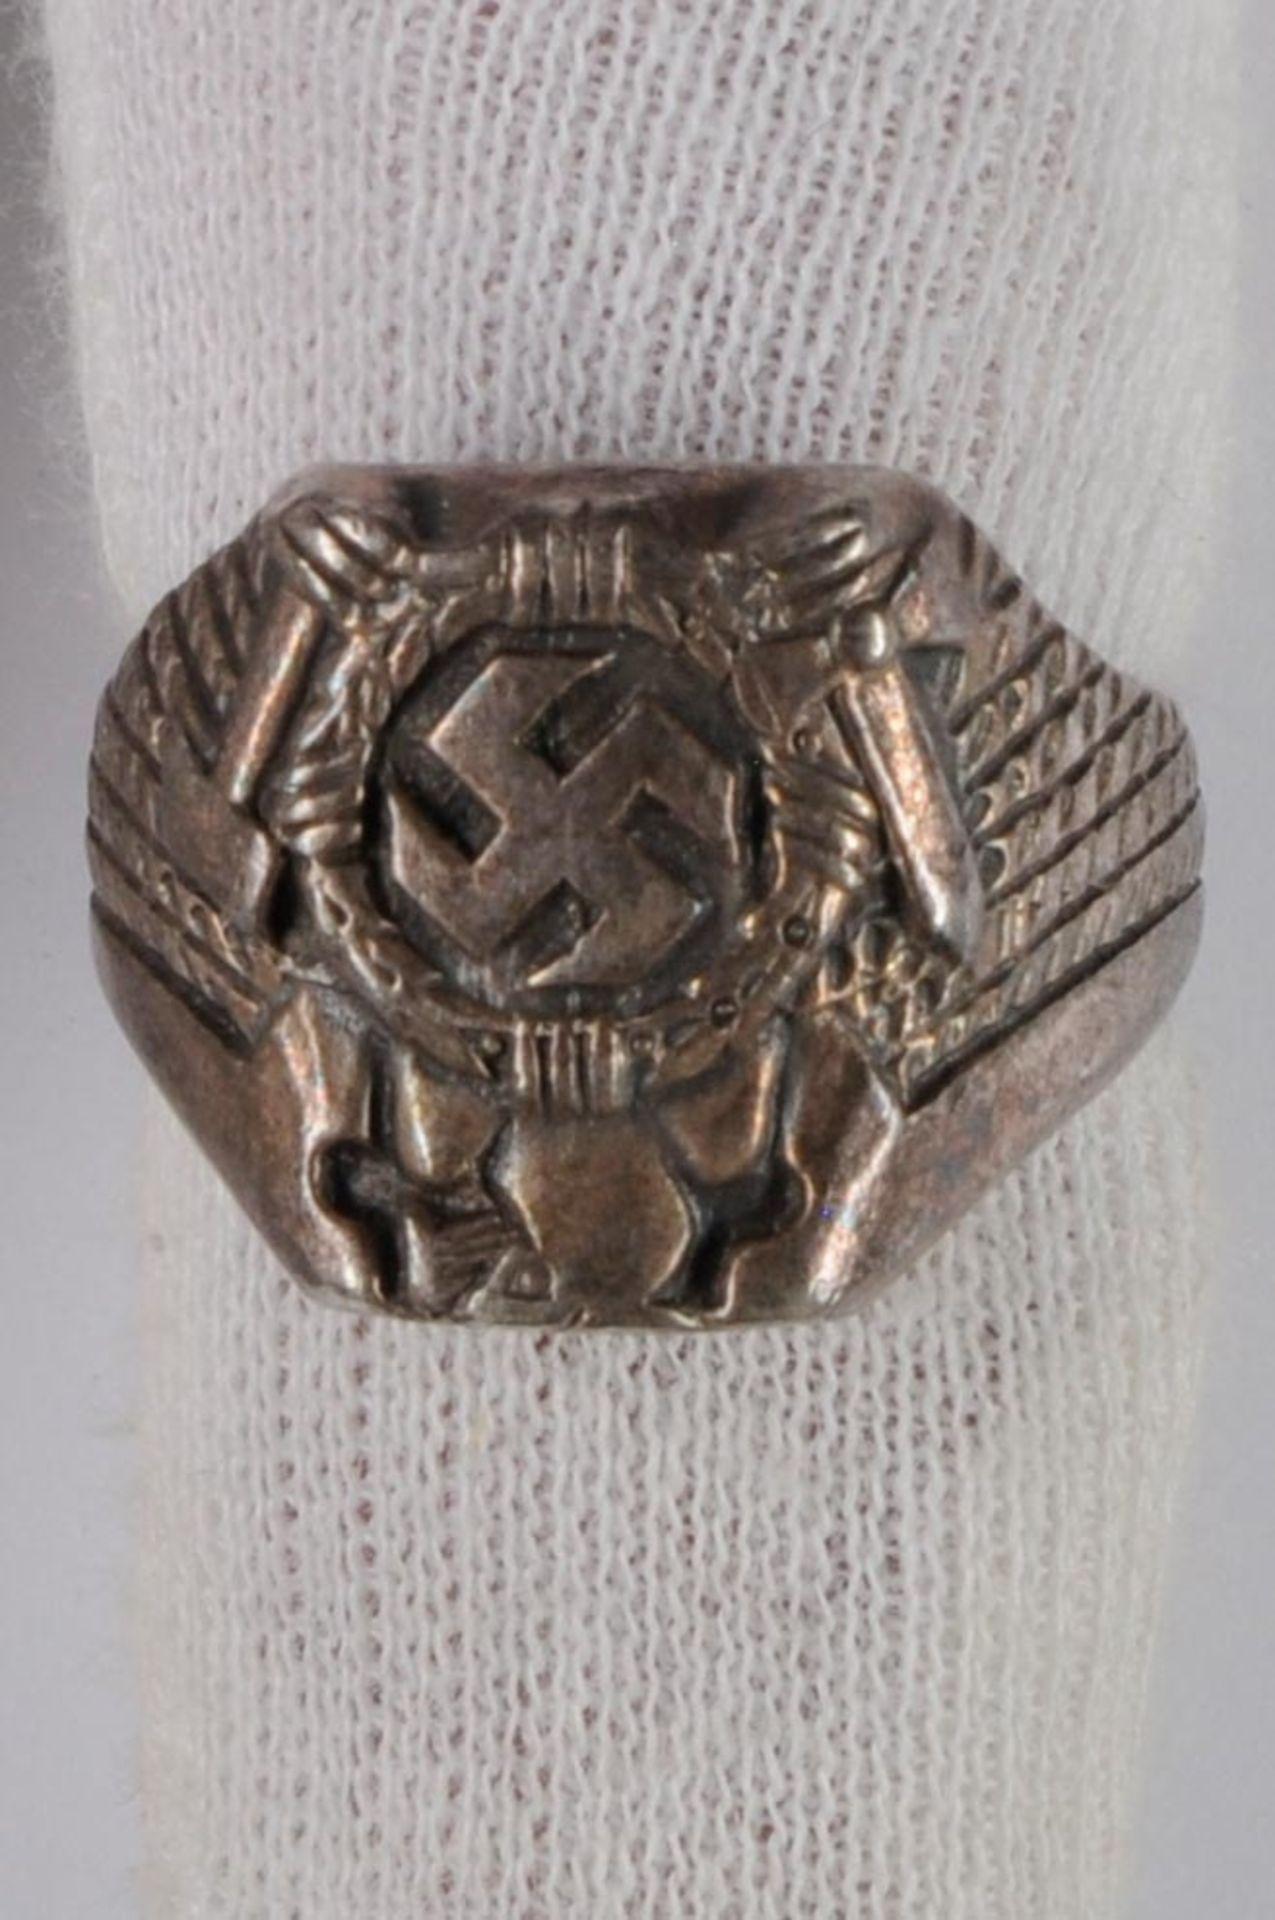 Urkunden, Dokumente und Unterschriften Verleihungsurkunde für einen Leutnant für den Ehrenpokal - Bild 4 aus 5